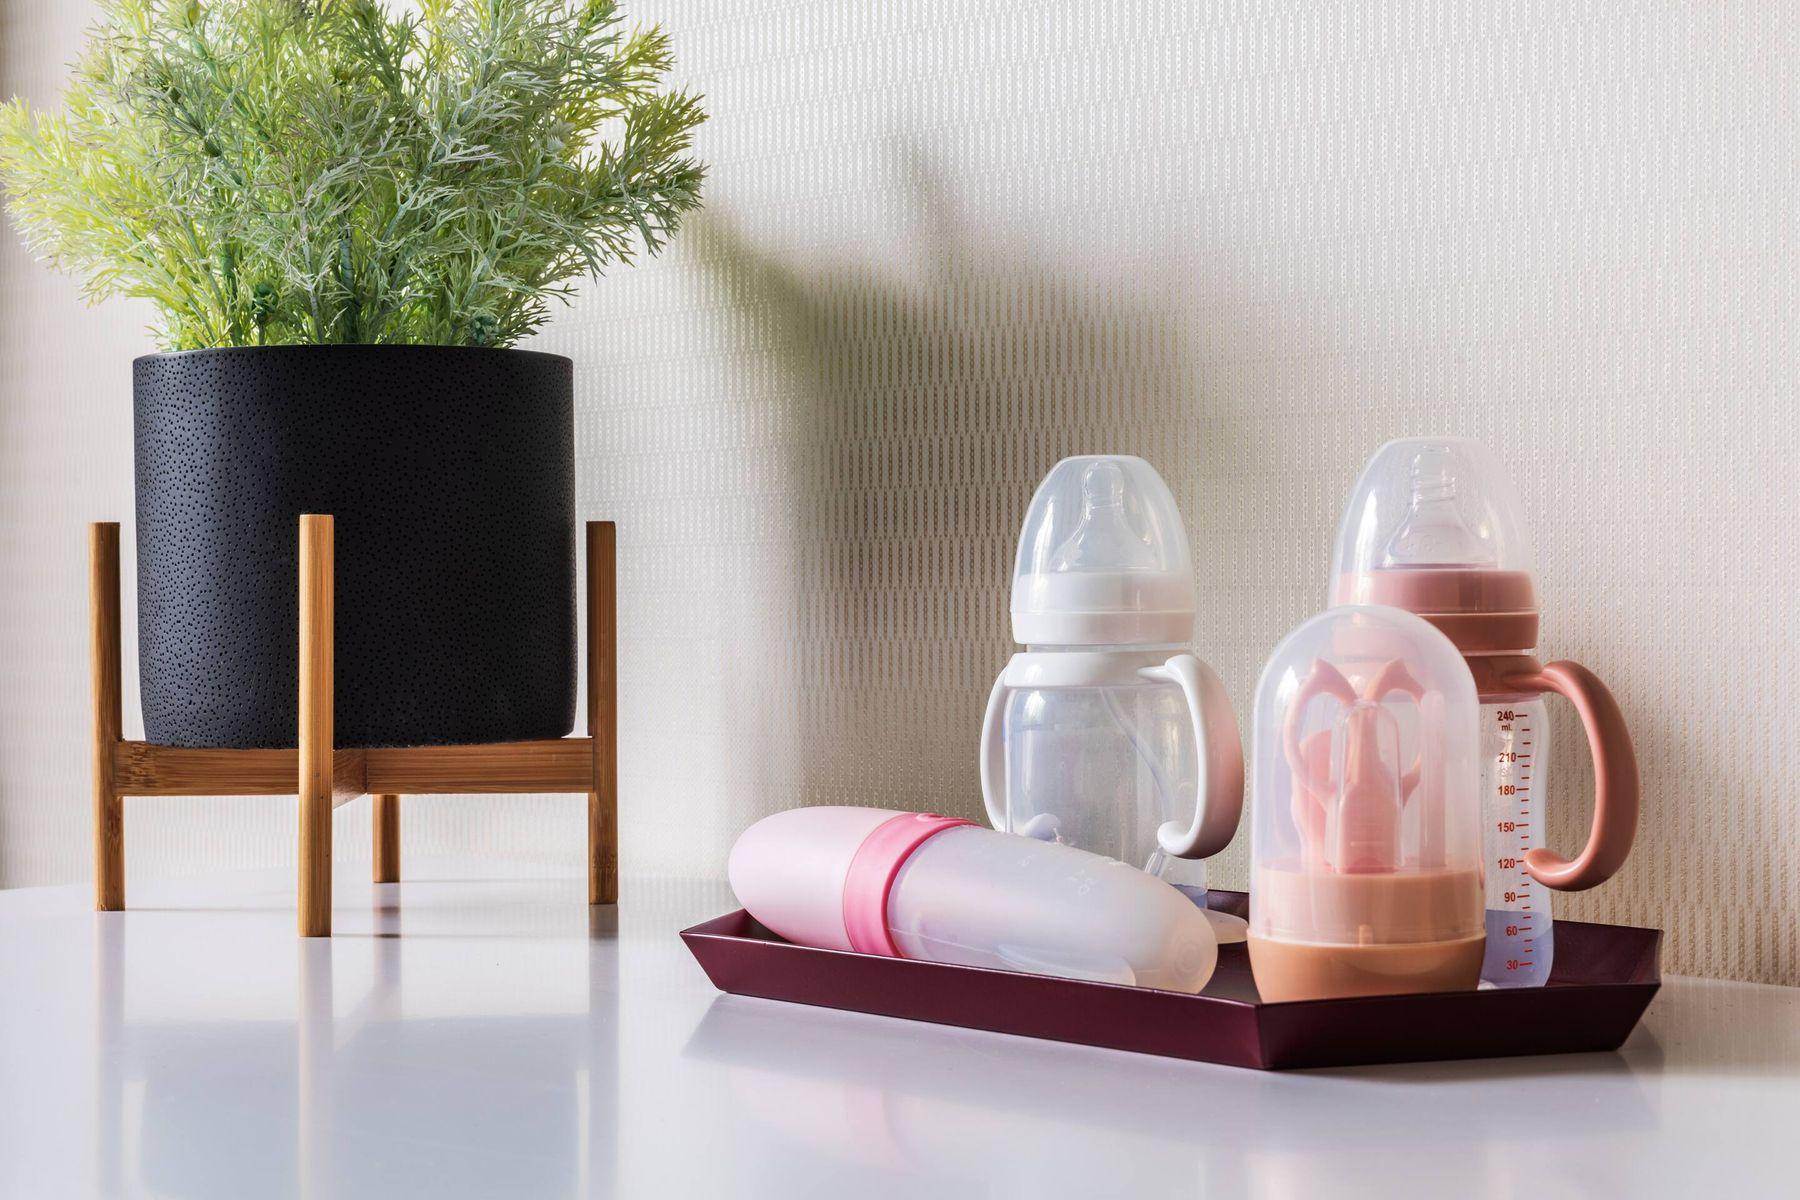 अपने बच्चे की दूध की बोतल कैसे करें साफ़ | क्लीएनीपीडिया